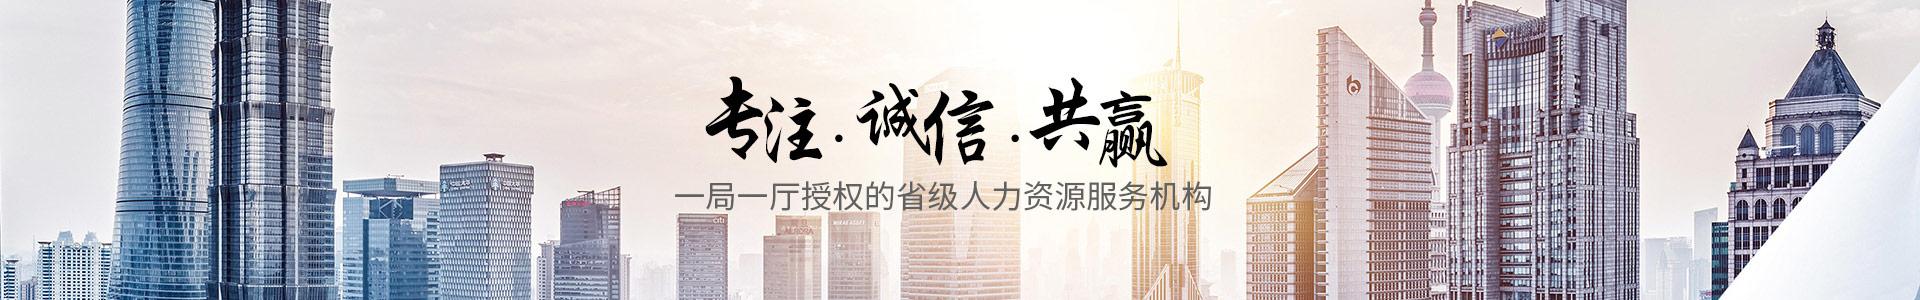 北辰人力,一局一厅授权的省级人力资源服务机构